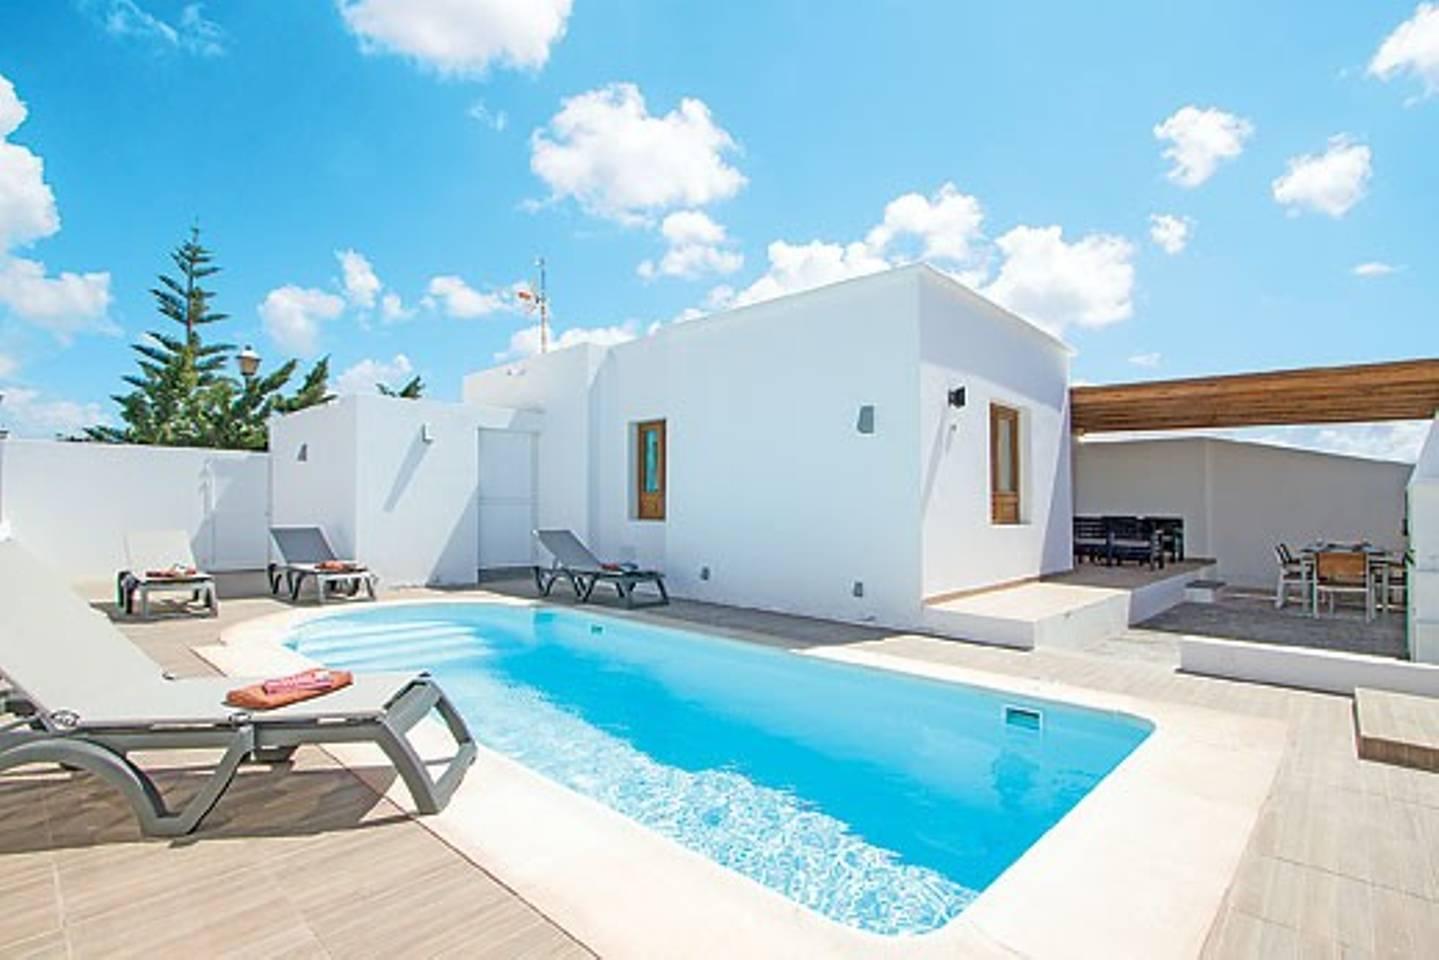 Top 20 Holiday Lettings Playa Blanca, Holiday Rentals & Apartments.